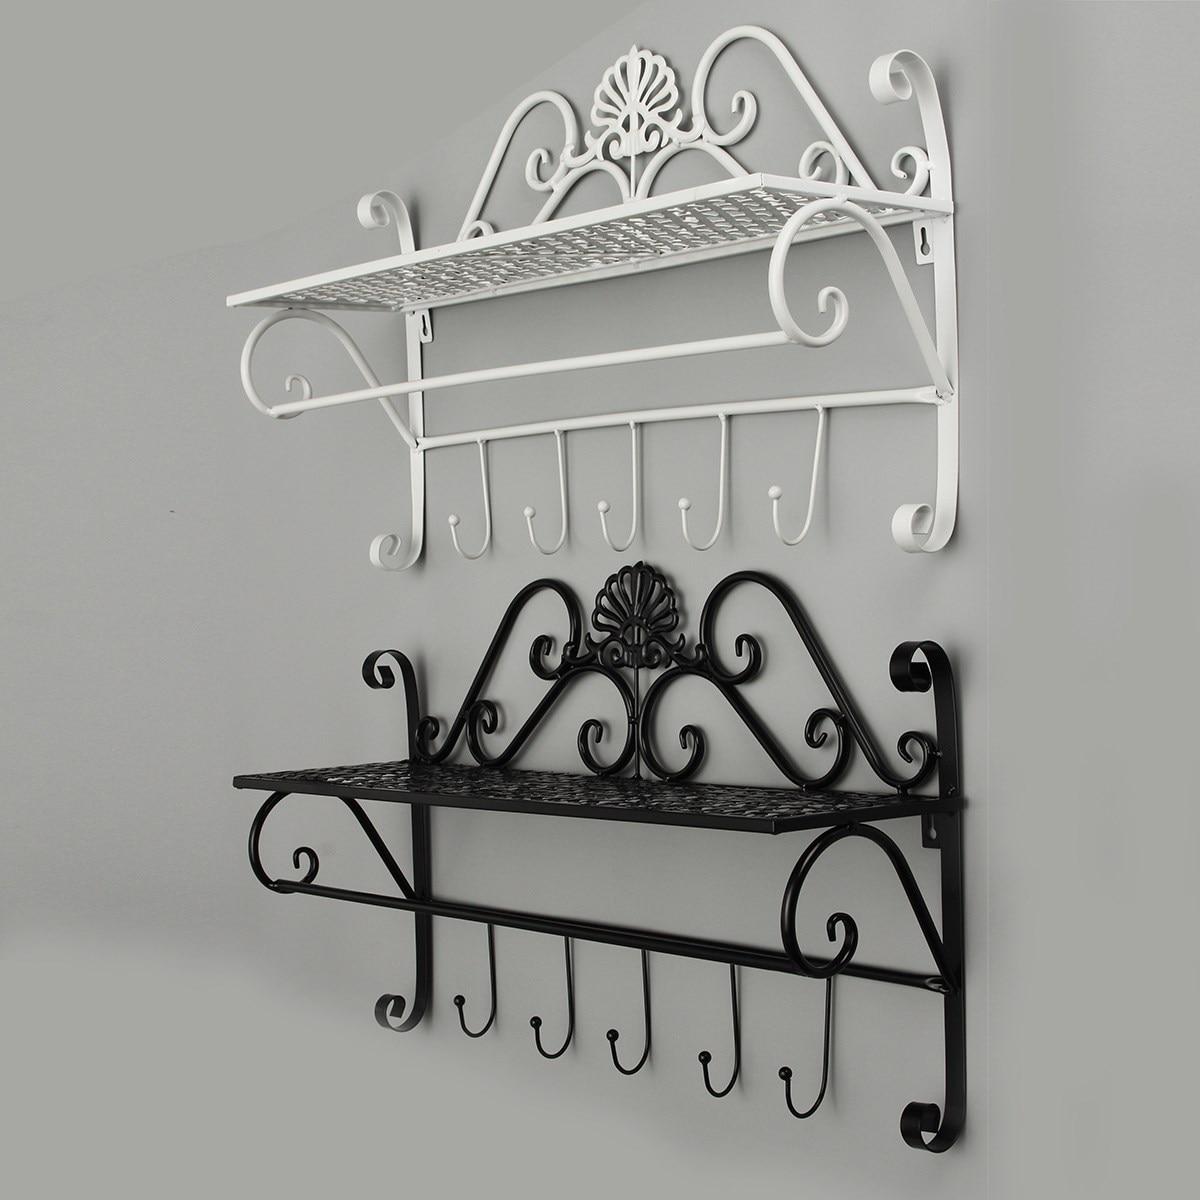 aseo estanteras de en rack de de bao estante de pared de hierro forjado